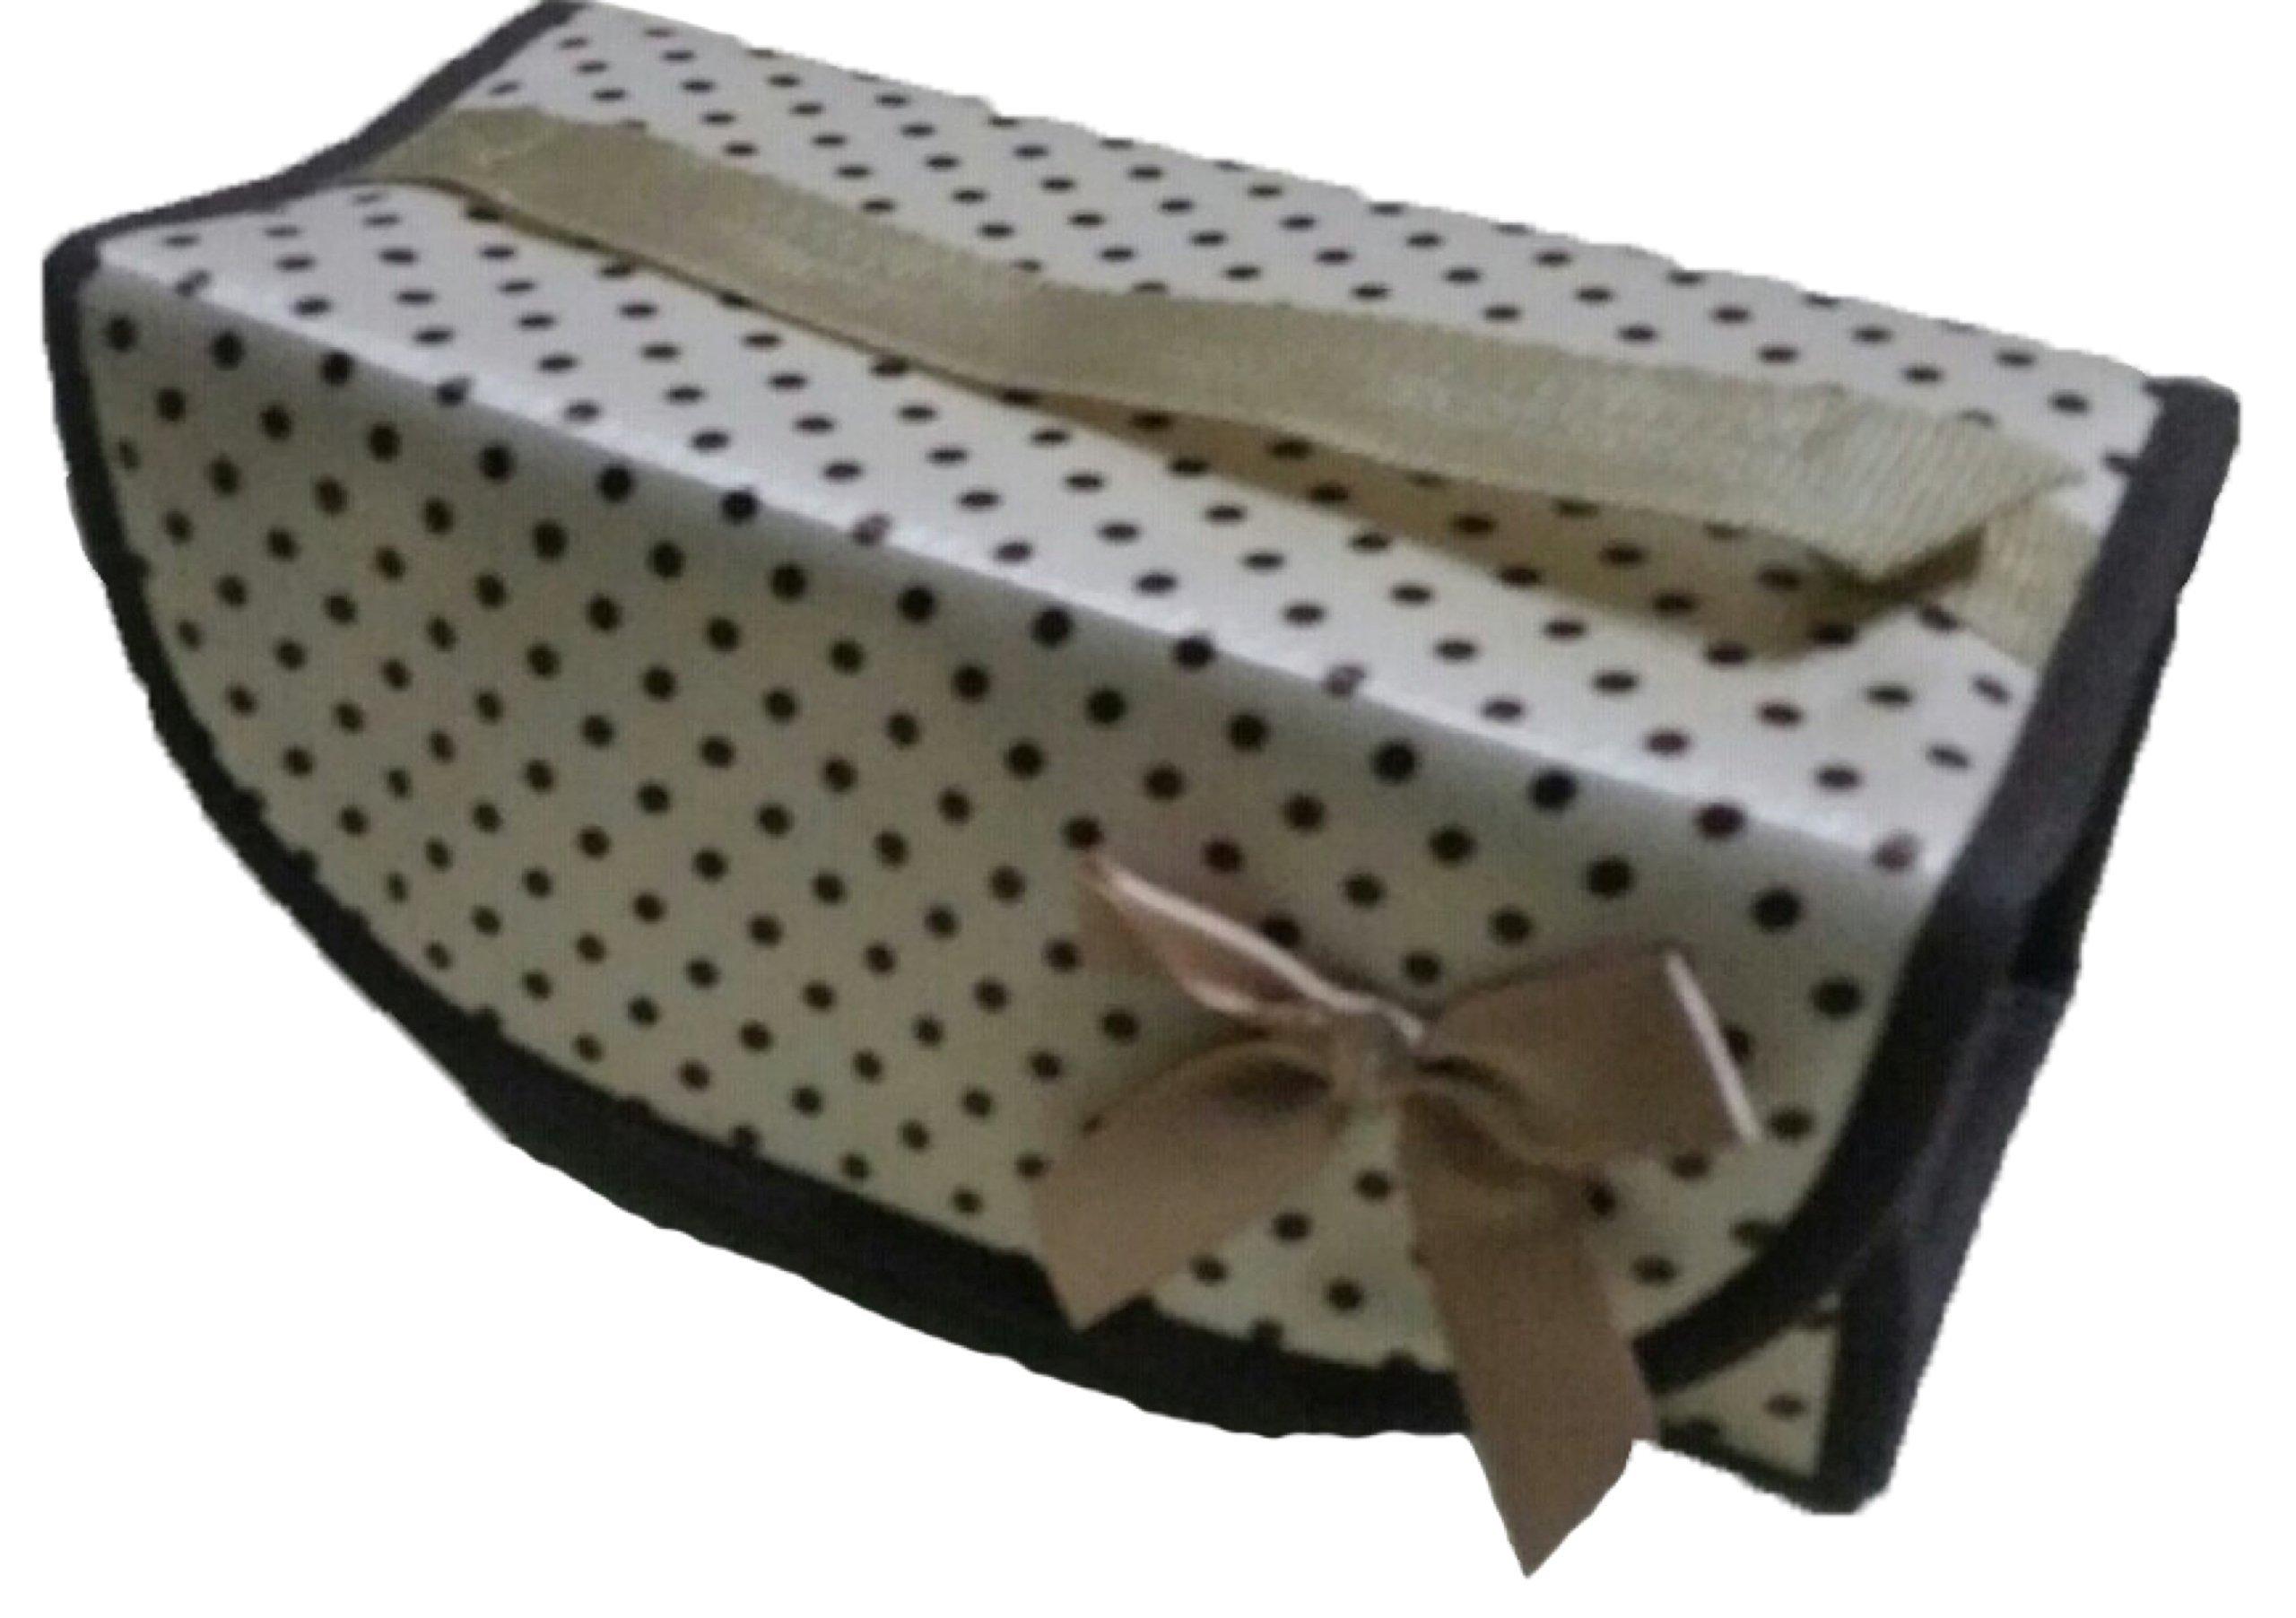 CMI Compact Bag Organizer